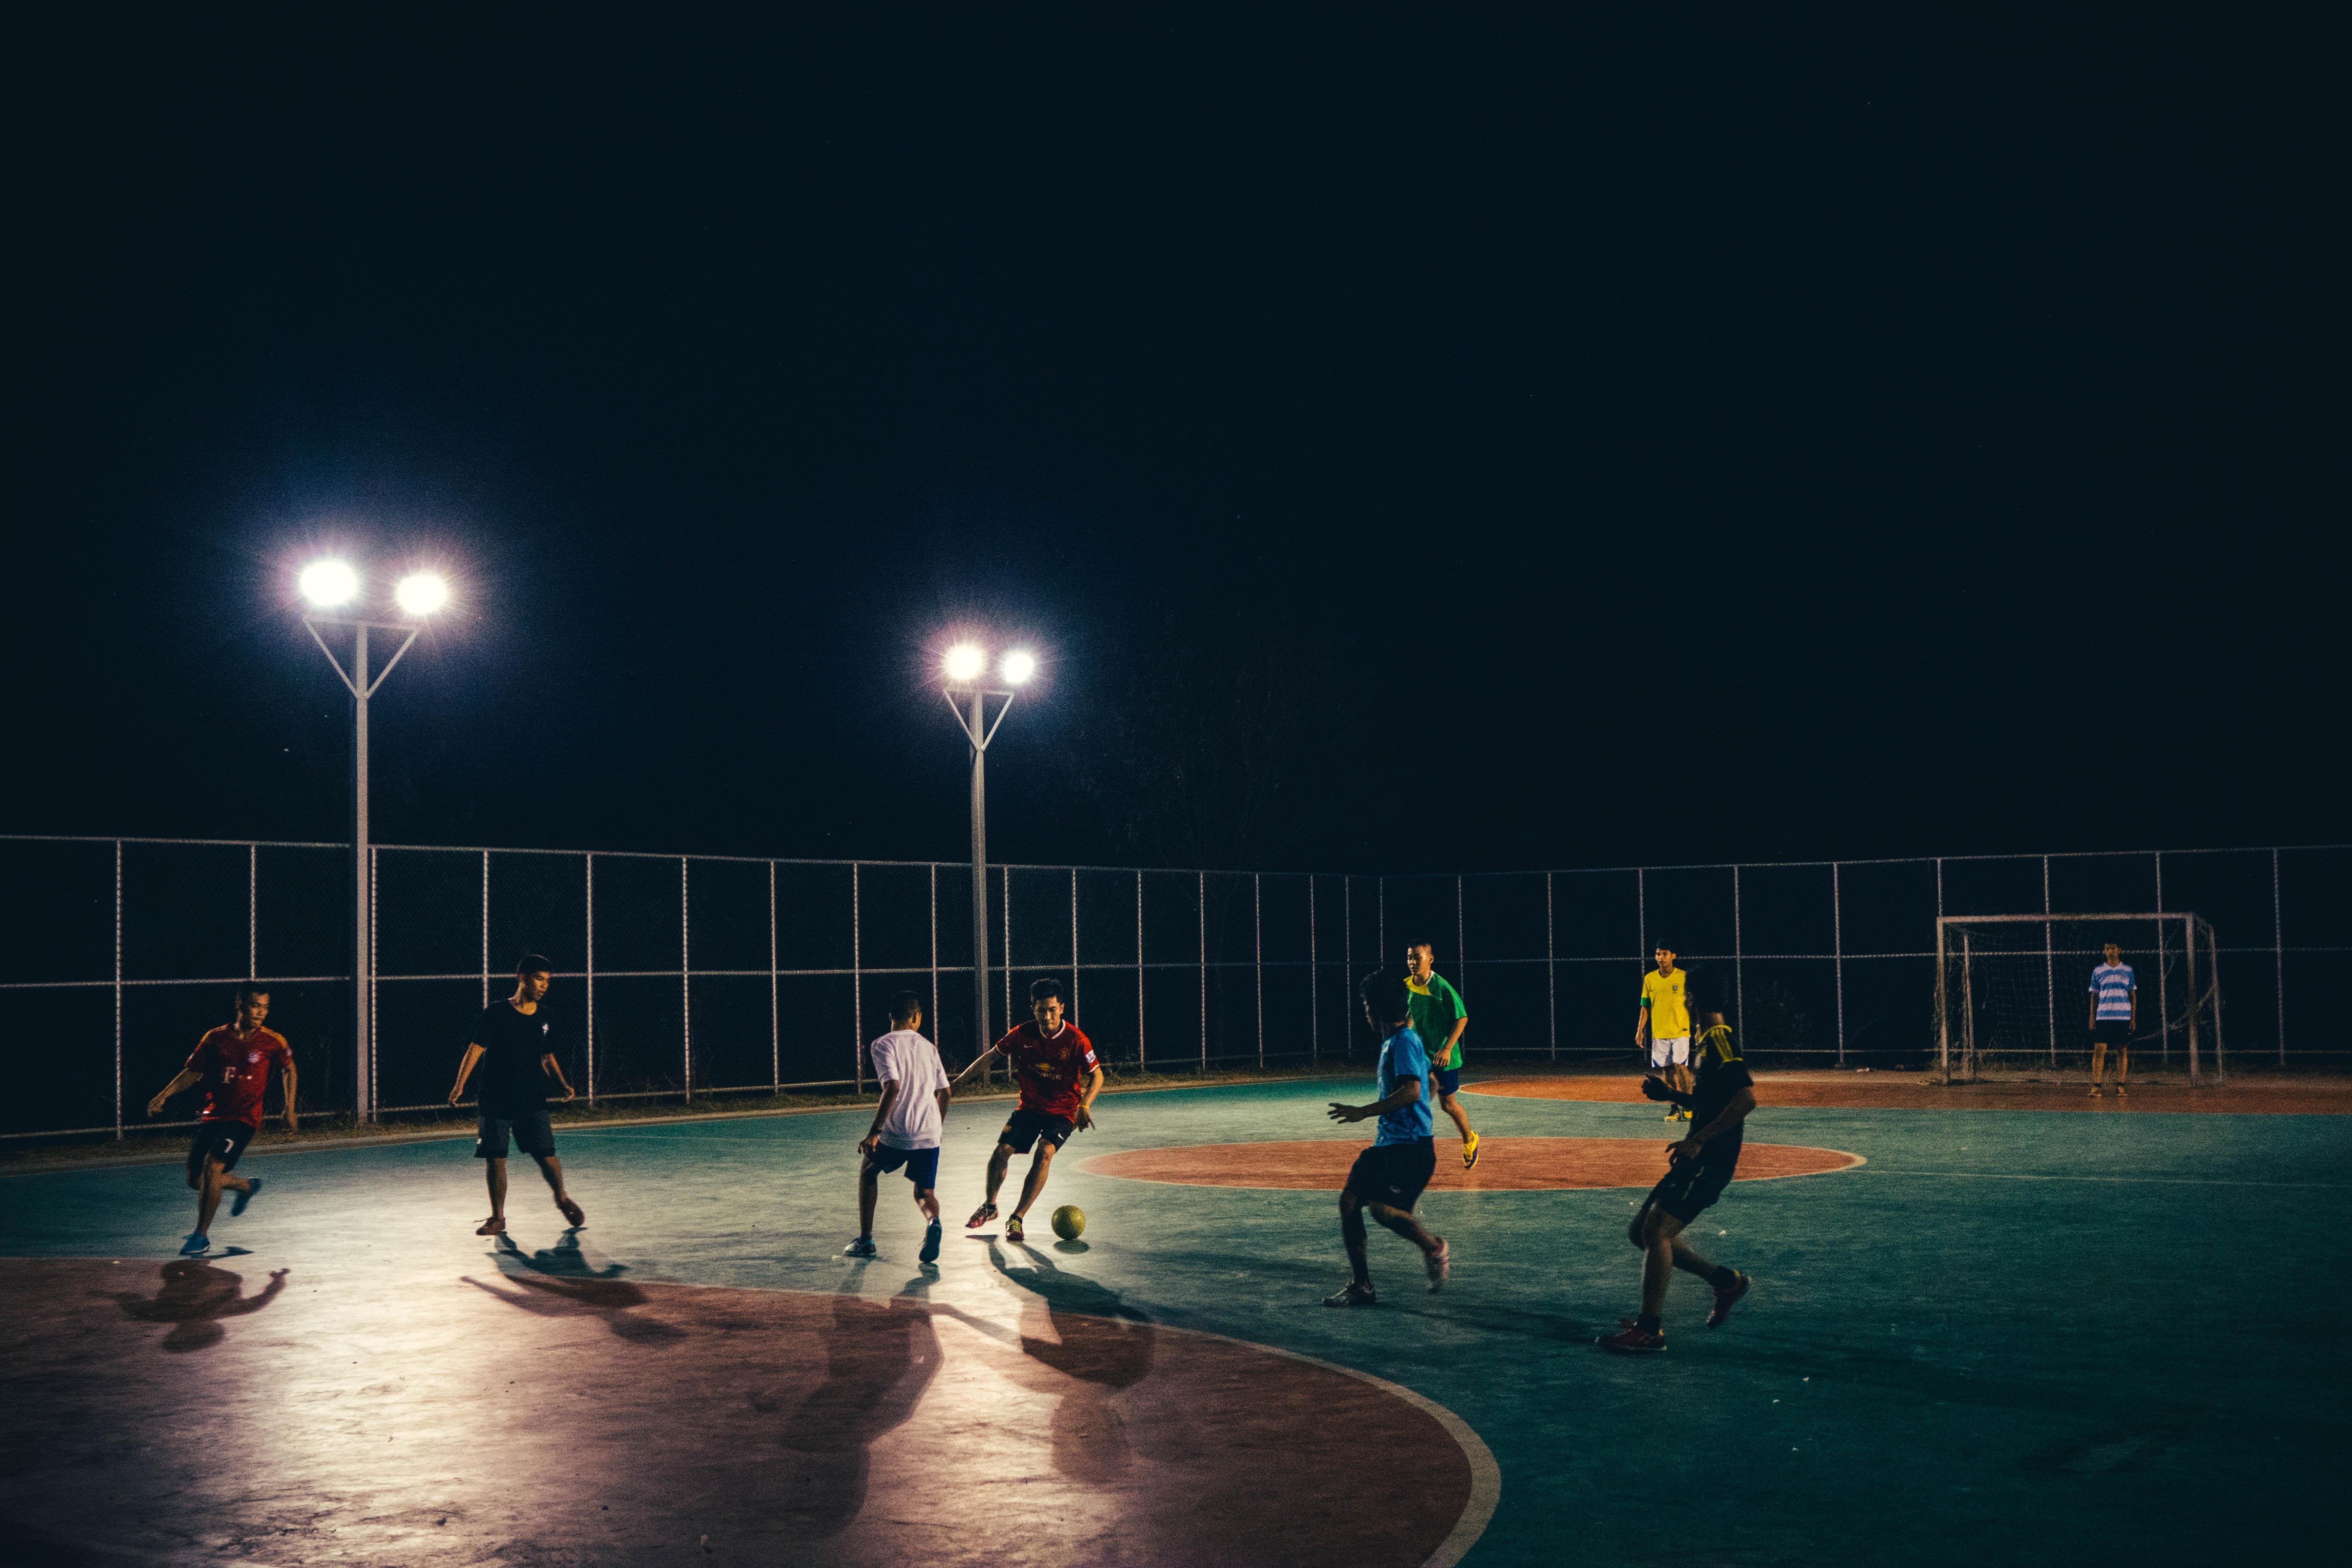 Men playing street football at night.